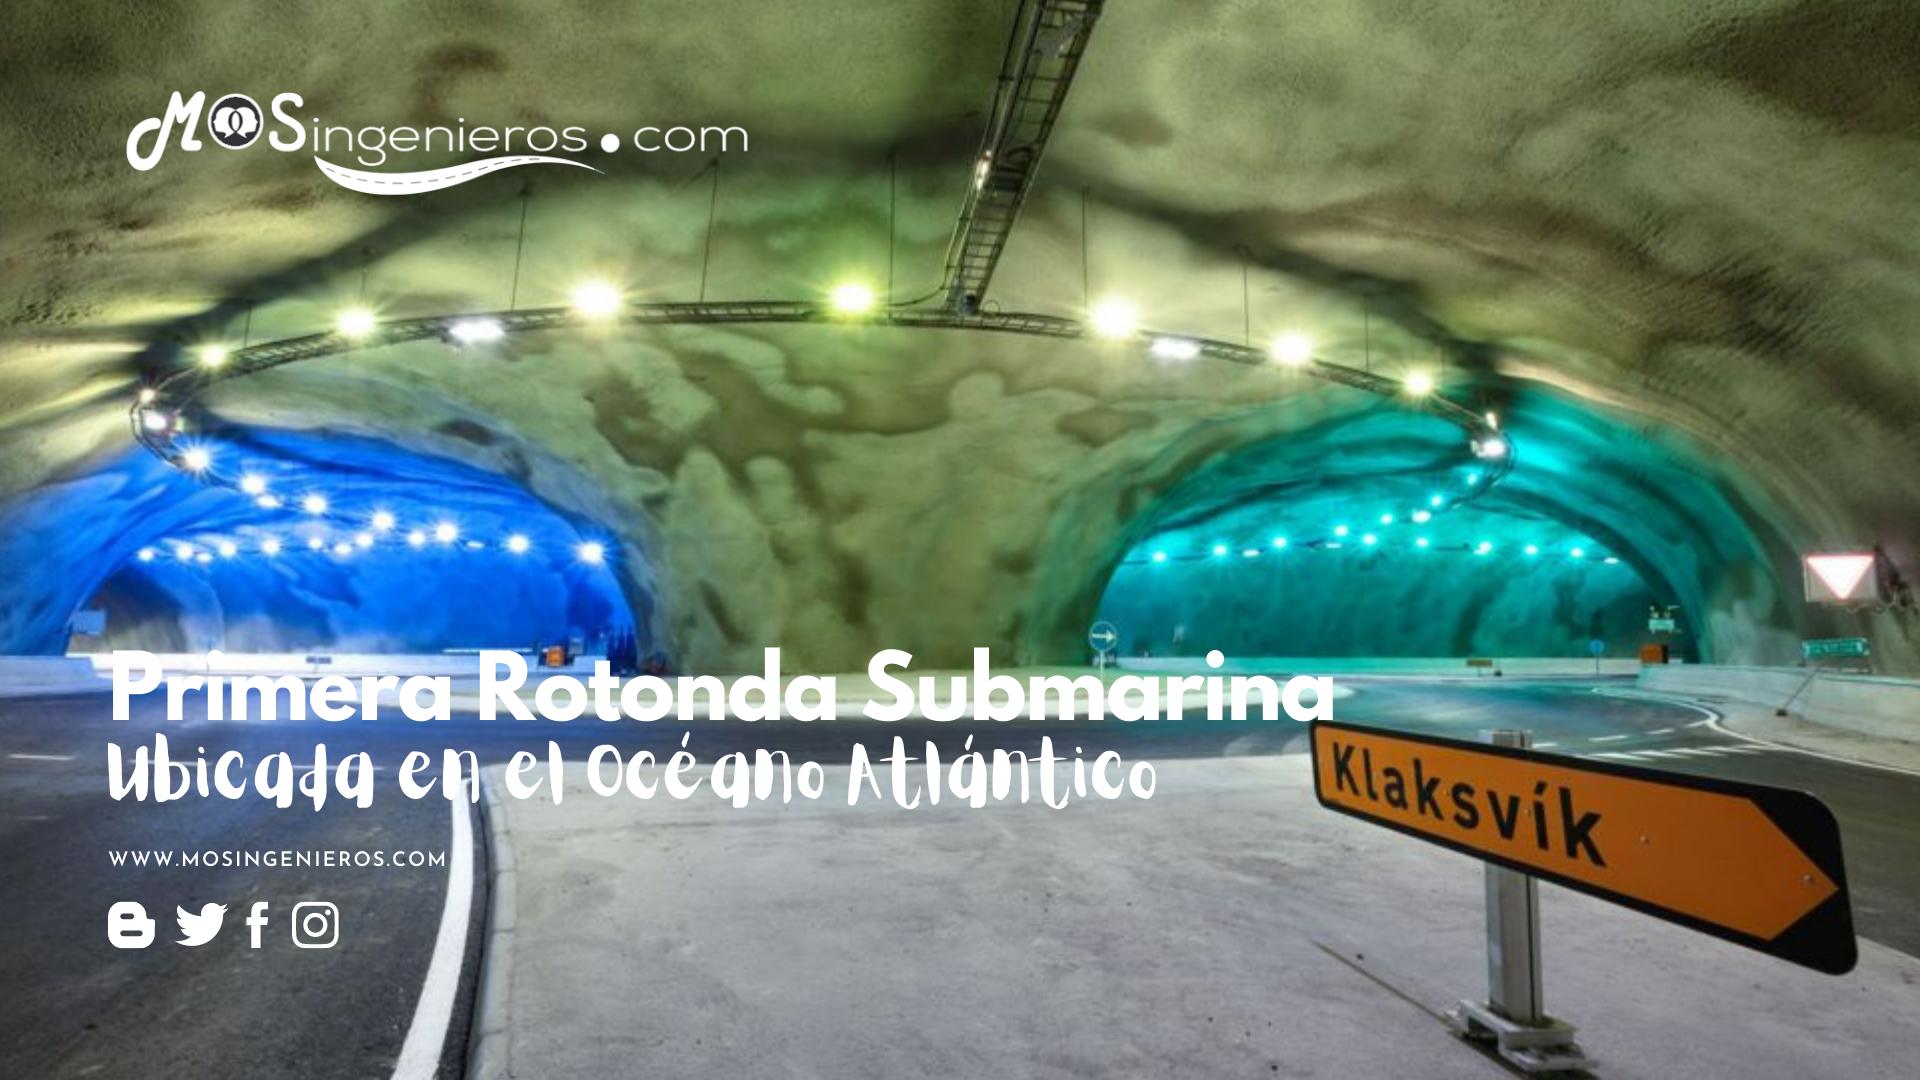 rotonda submarina